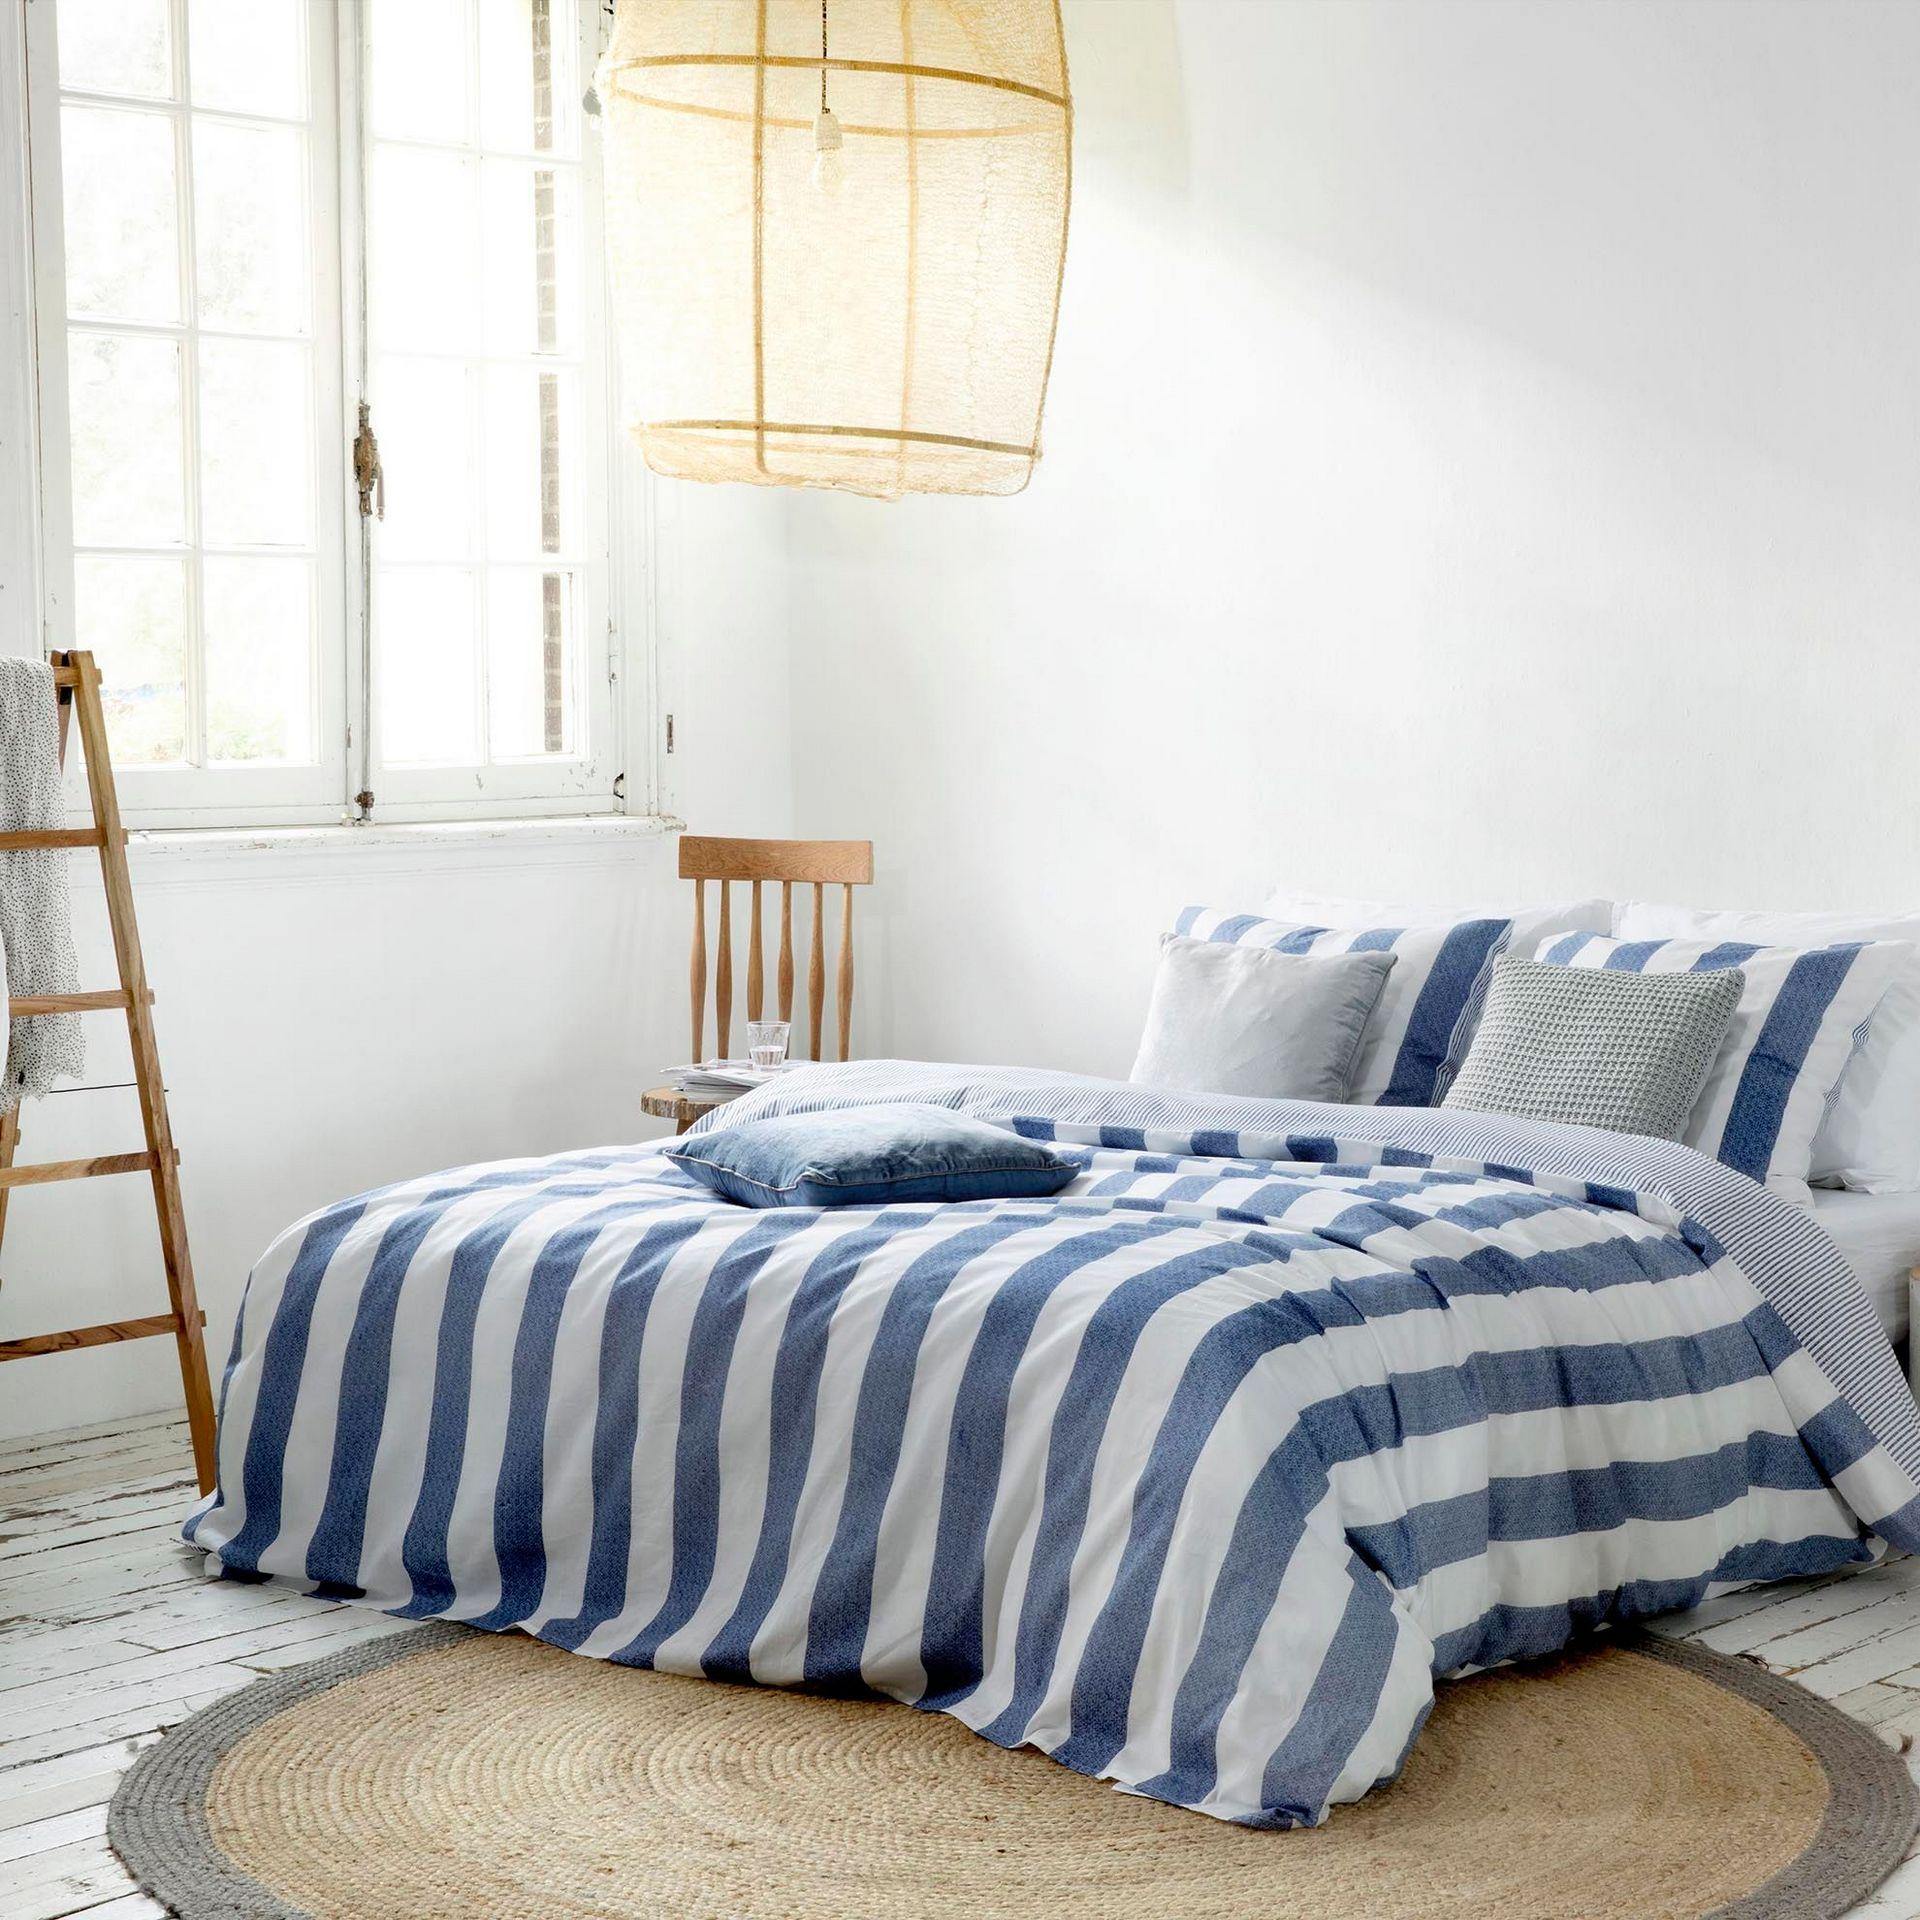 Walra Everline dekbedovertrek - in 5 stappen een landelijke slaapkamer